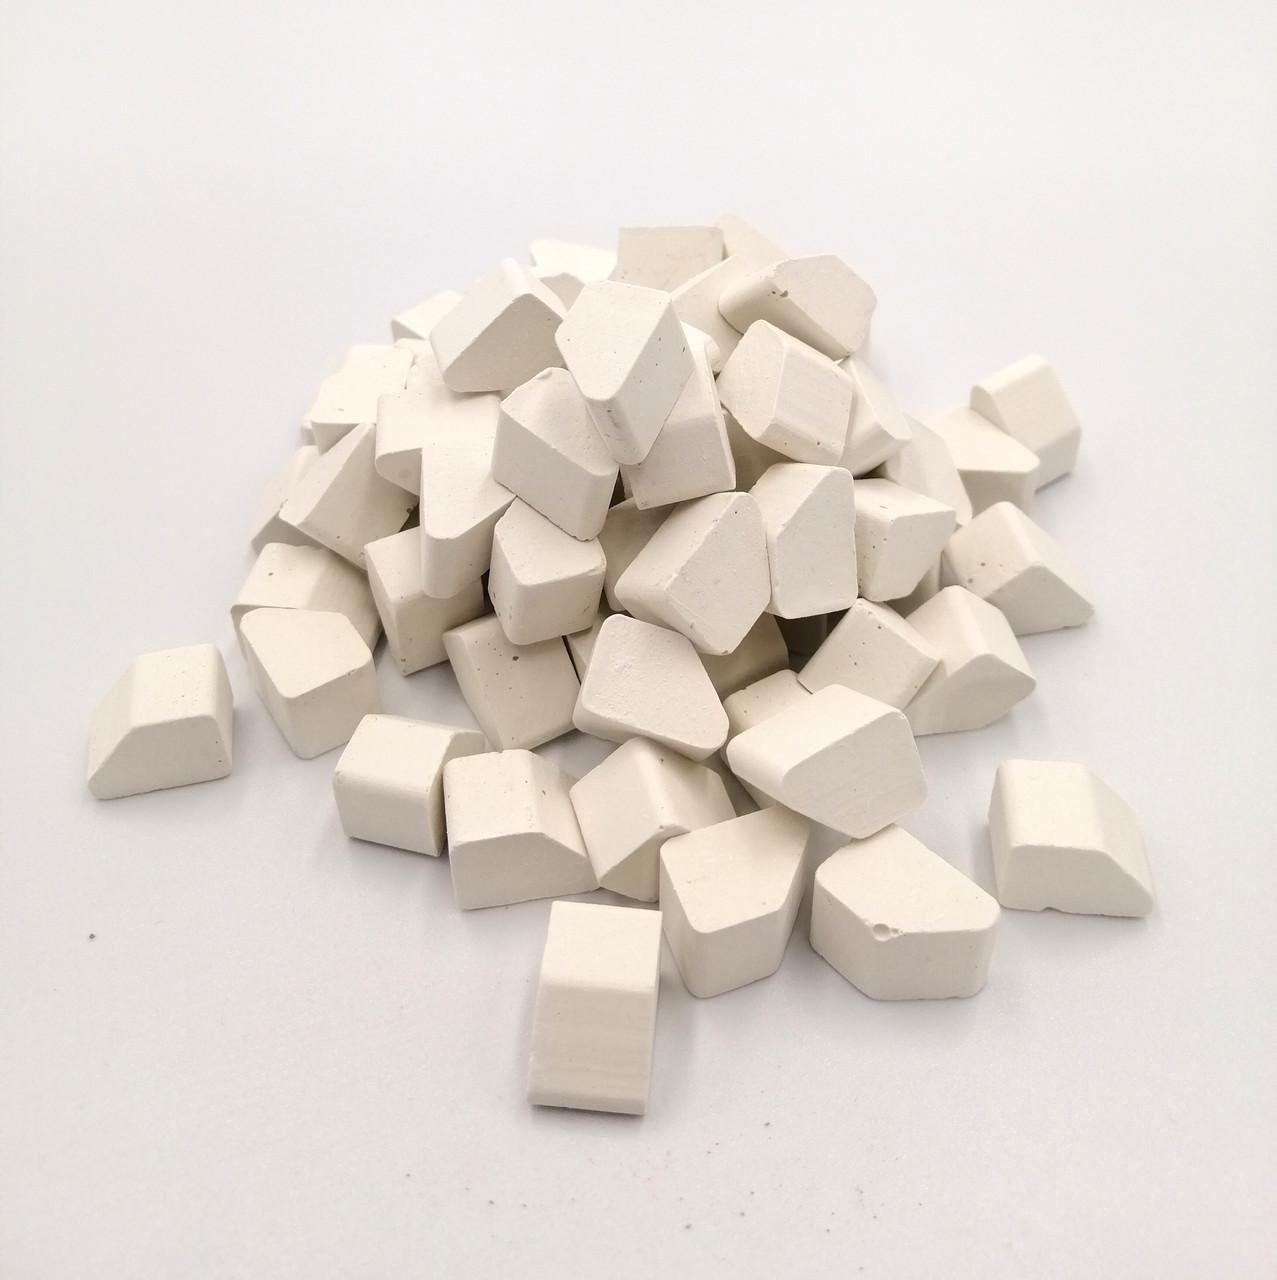 Цеглинка фігурна білий колір 55шт | Додаток до конструктора | Країна замків та фортець, Україна